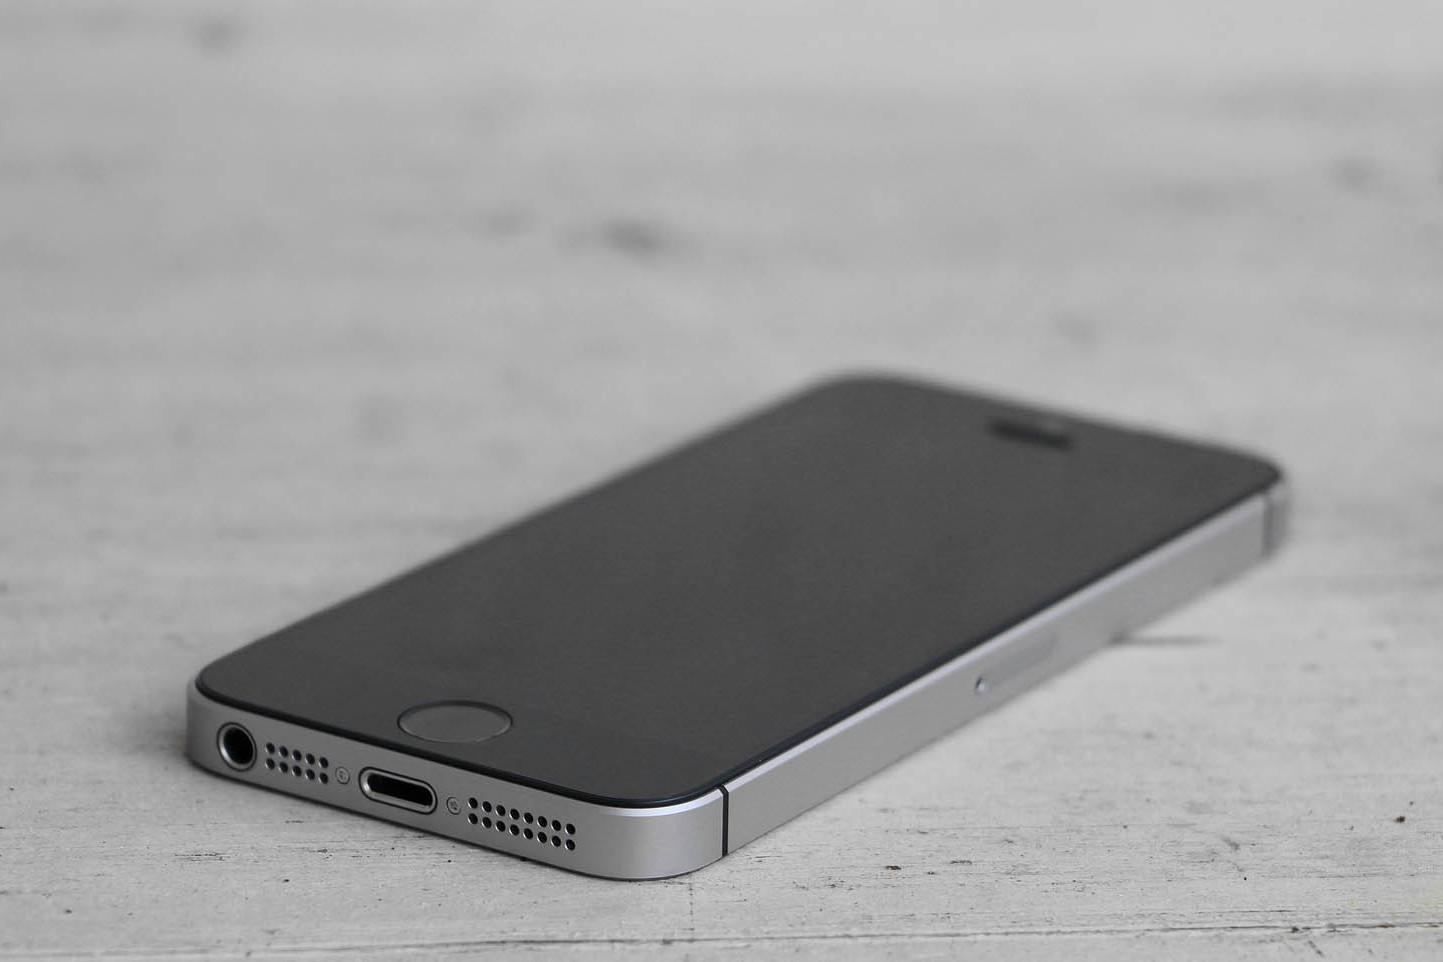 Il nuovo iPhone low cost sarebbe l'evoluzione dell'iPhone SE